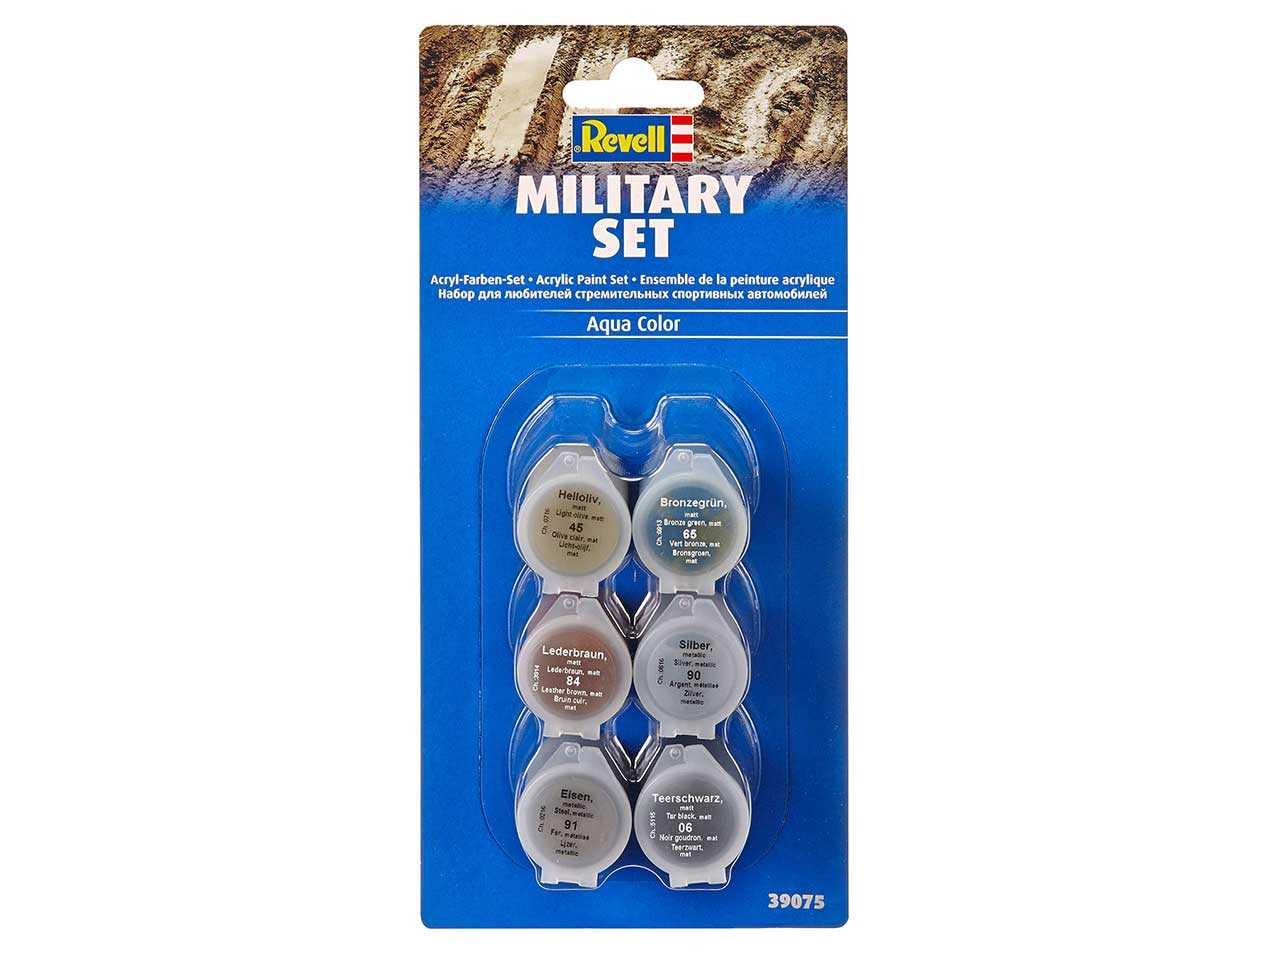 Sada barev Aqua Color 39075 - Military Set